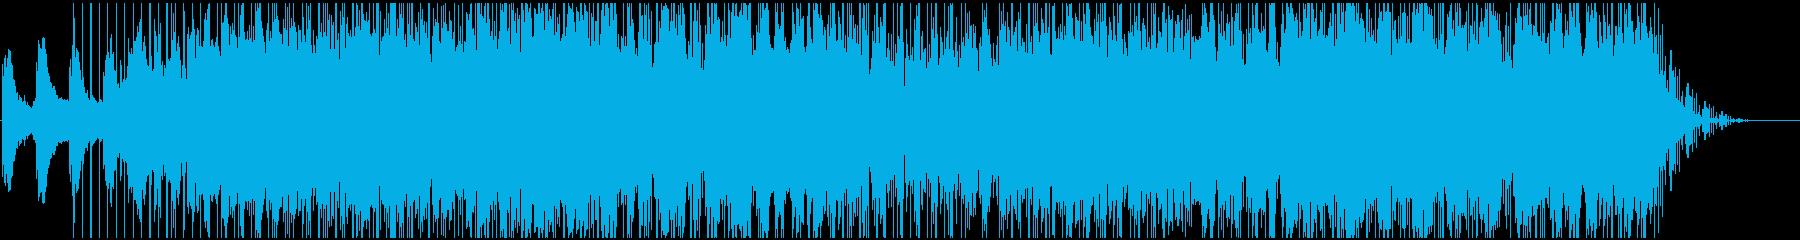 神秘的な空間のイメージの再生済みの波形